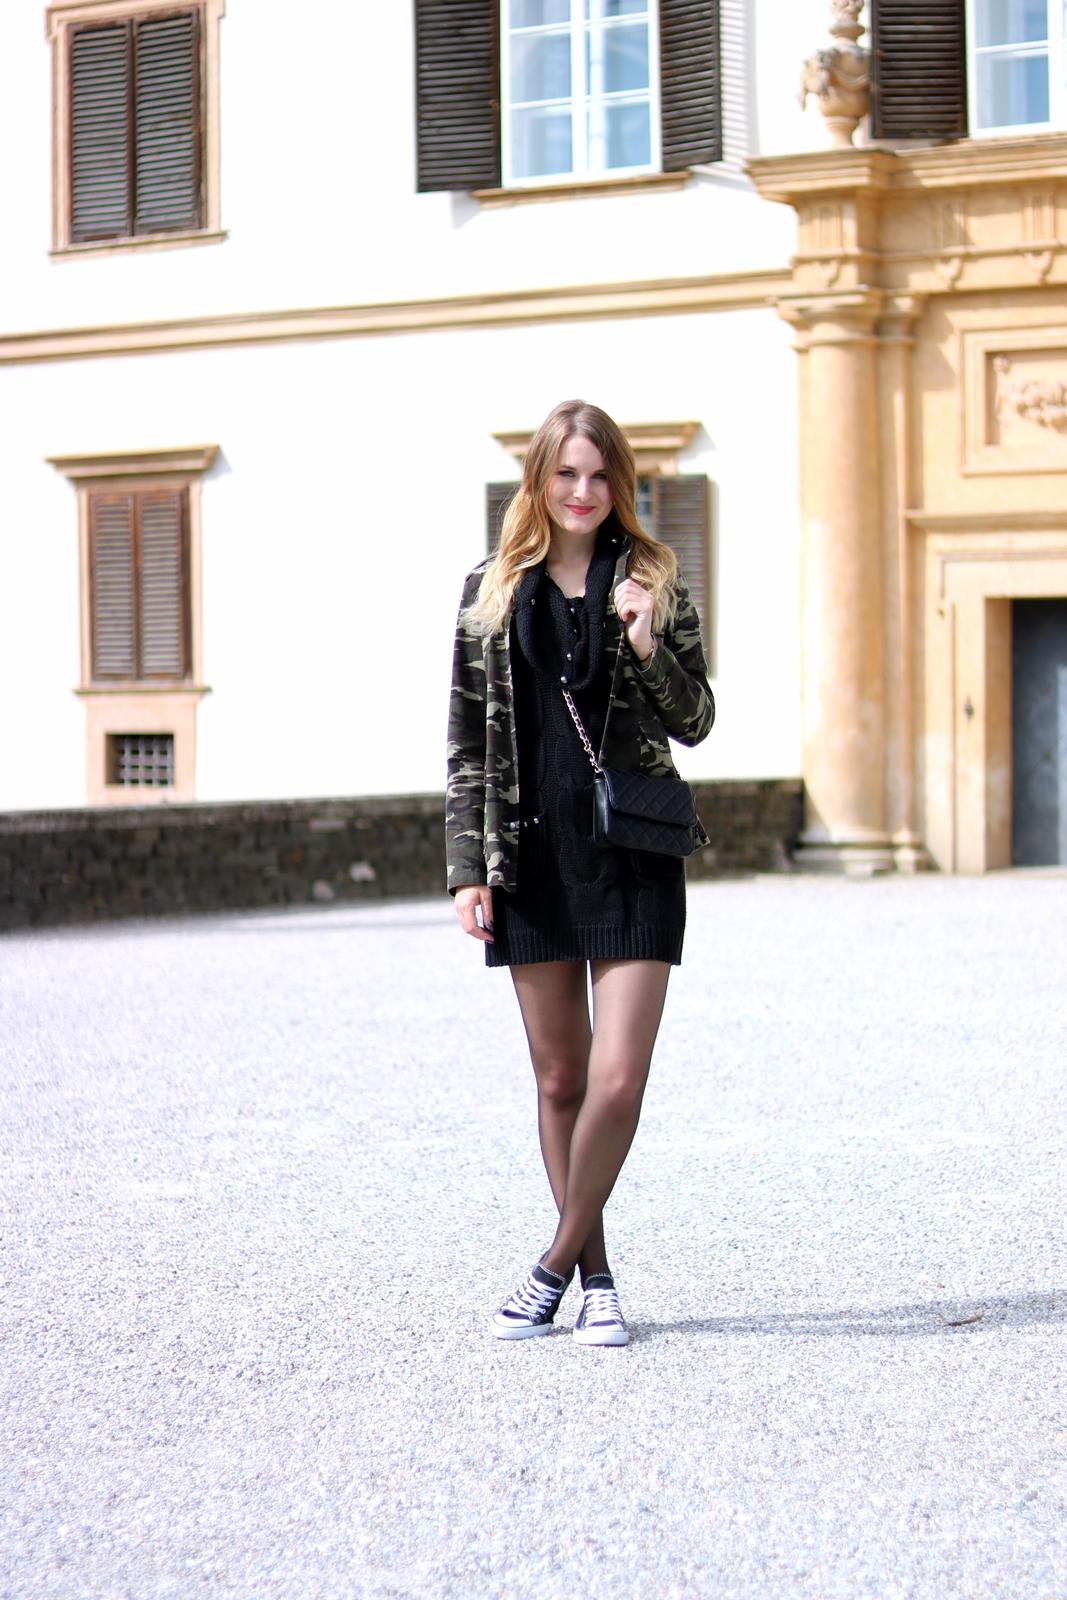 Schick mit Strick - das Strickkleid - Kombination mit schwarzen Strickkleid, Camouflage Jacke, Cross Body Bag und Chucks - Fashion - Mode - Otfit - Style - Tipps - Trends - Outfit Ideen - Streetstyle Tipps - Fashion Blog - Mode Blog aus Graz Österreich - Fashionladyloves by Tamara Wagner - Deutsche Modebloggerin